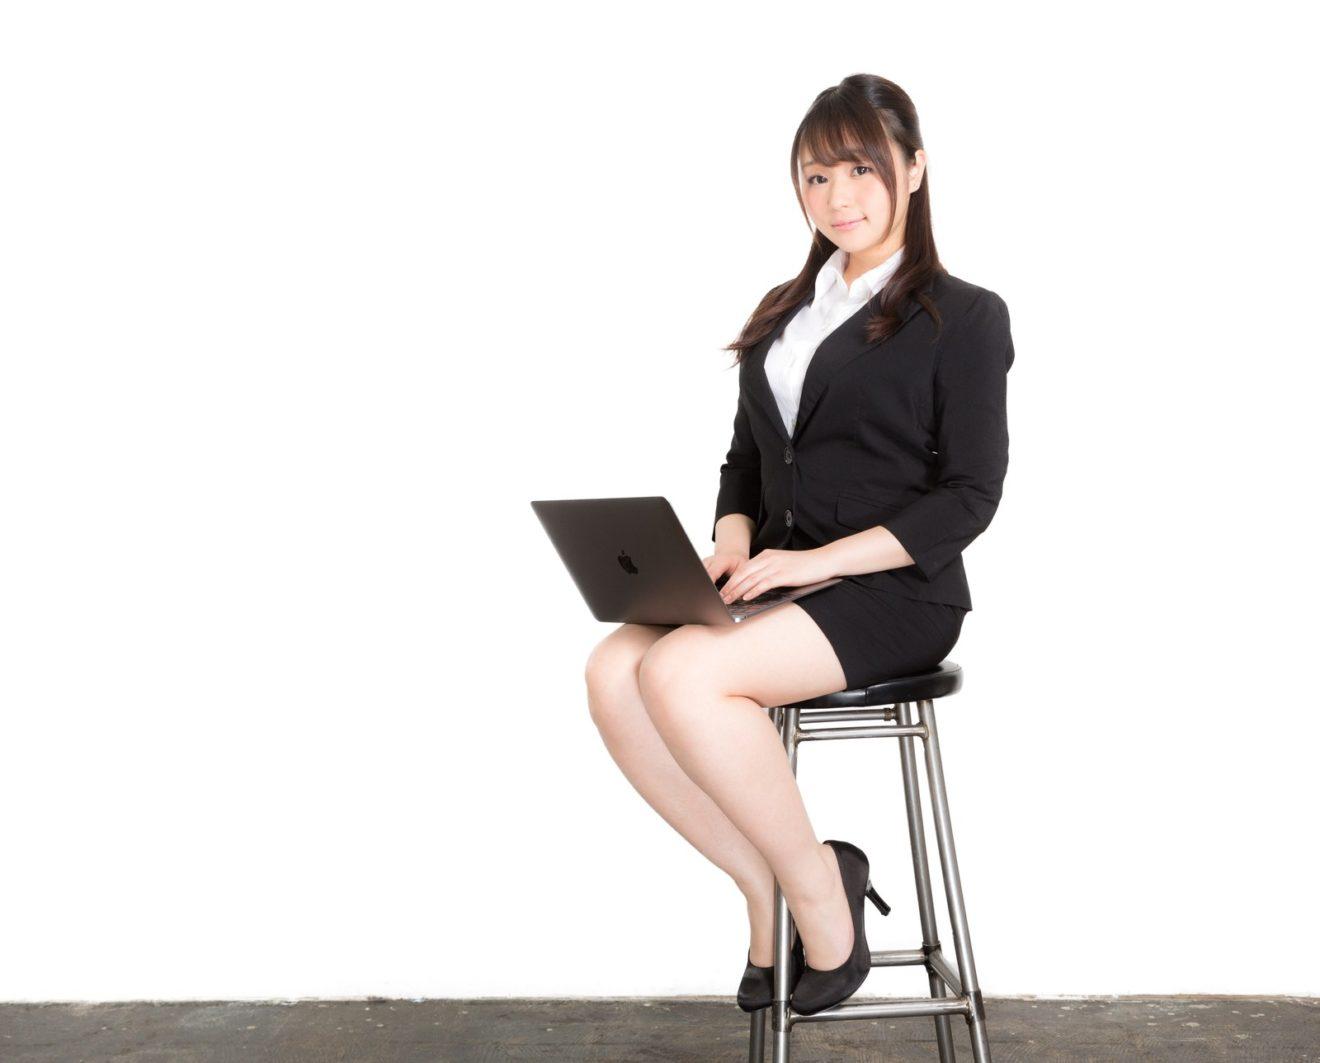 【就活ドラフト】 勝負はこれから! 優良、上場企業の選考を受けたい方におすすめです!